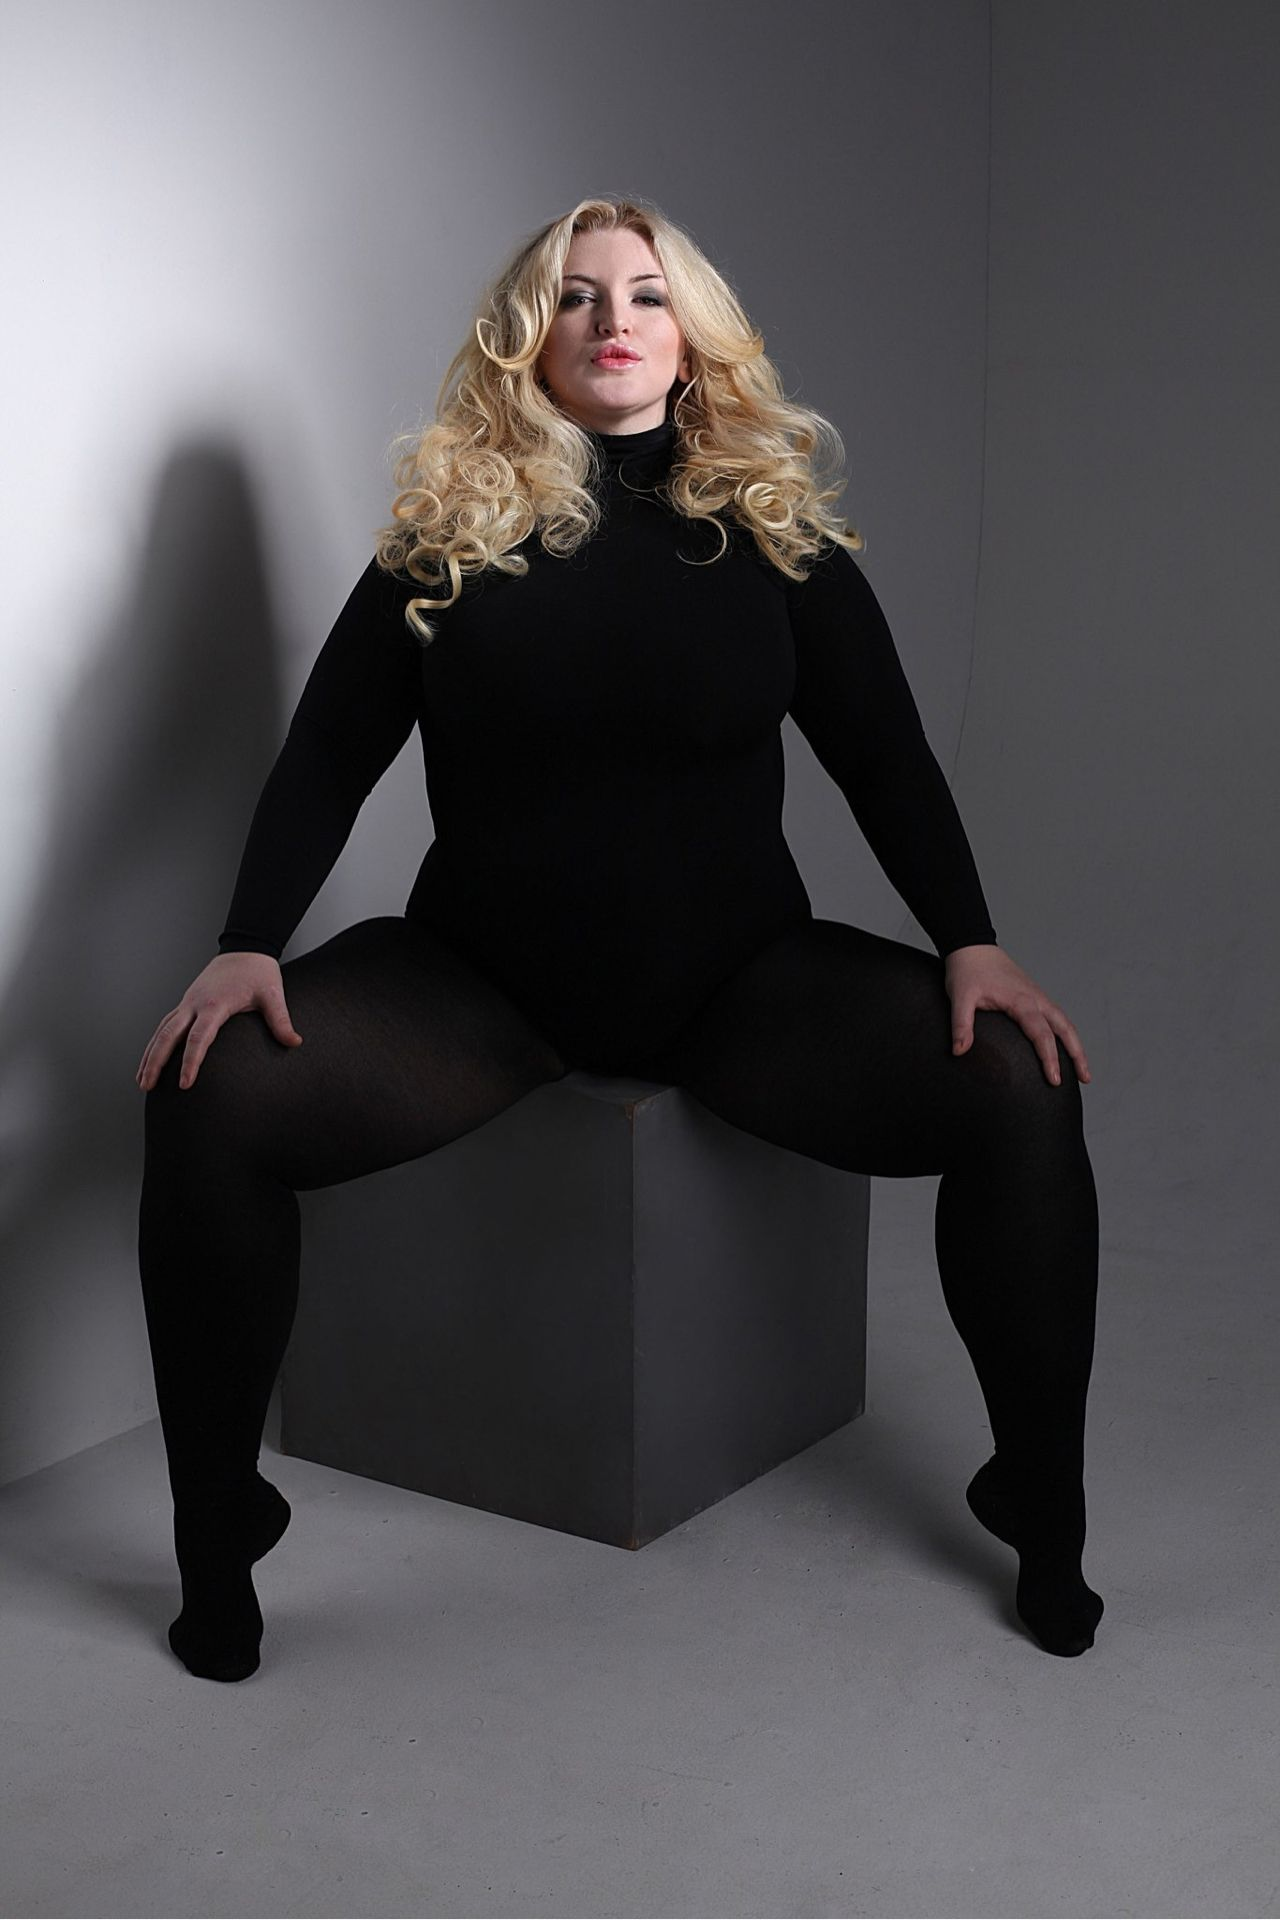 魅力的なロシアの女の子